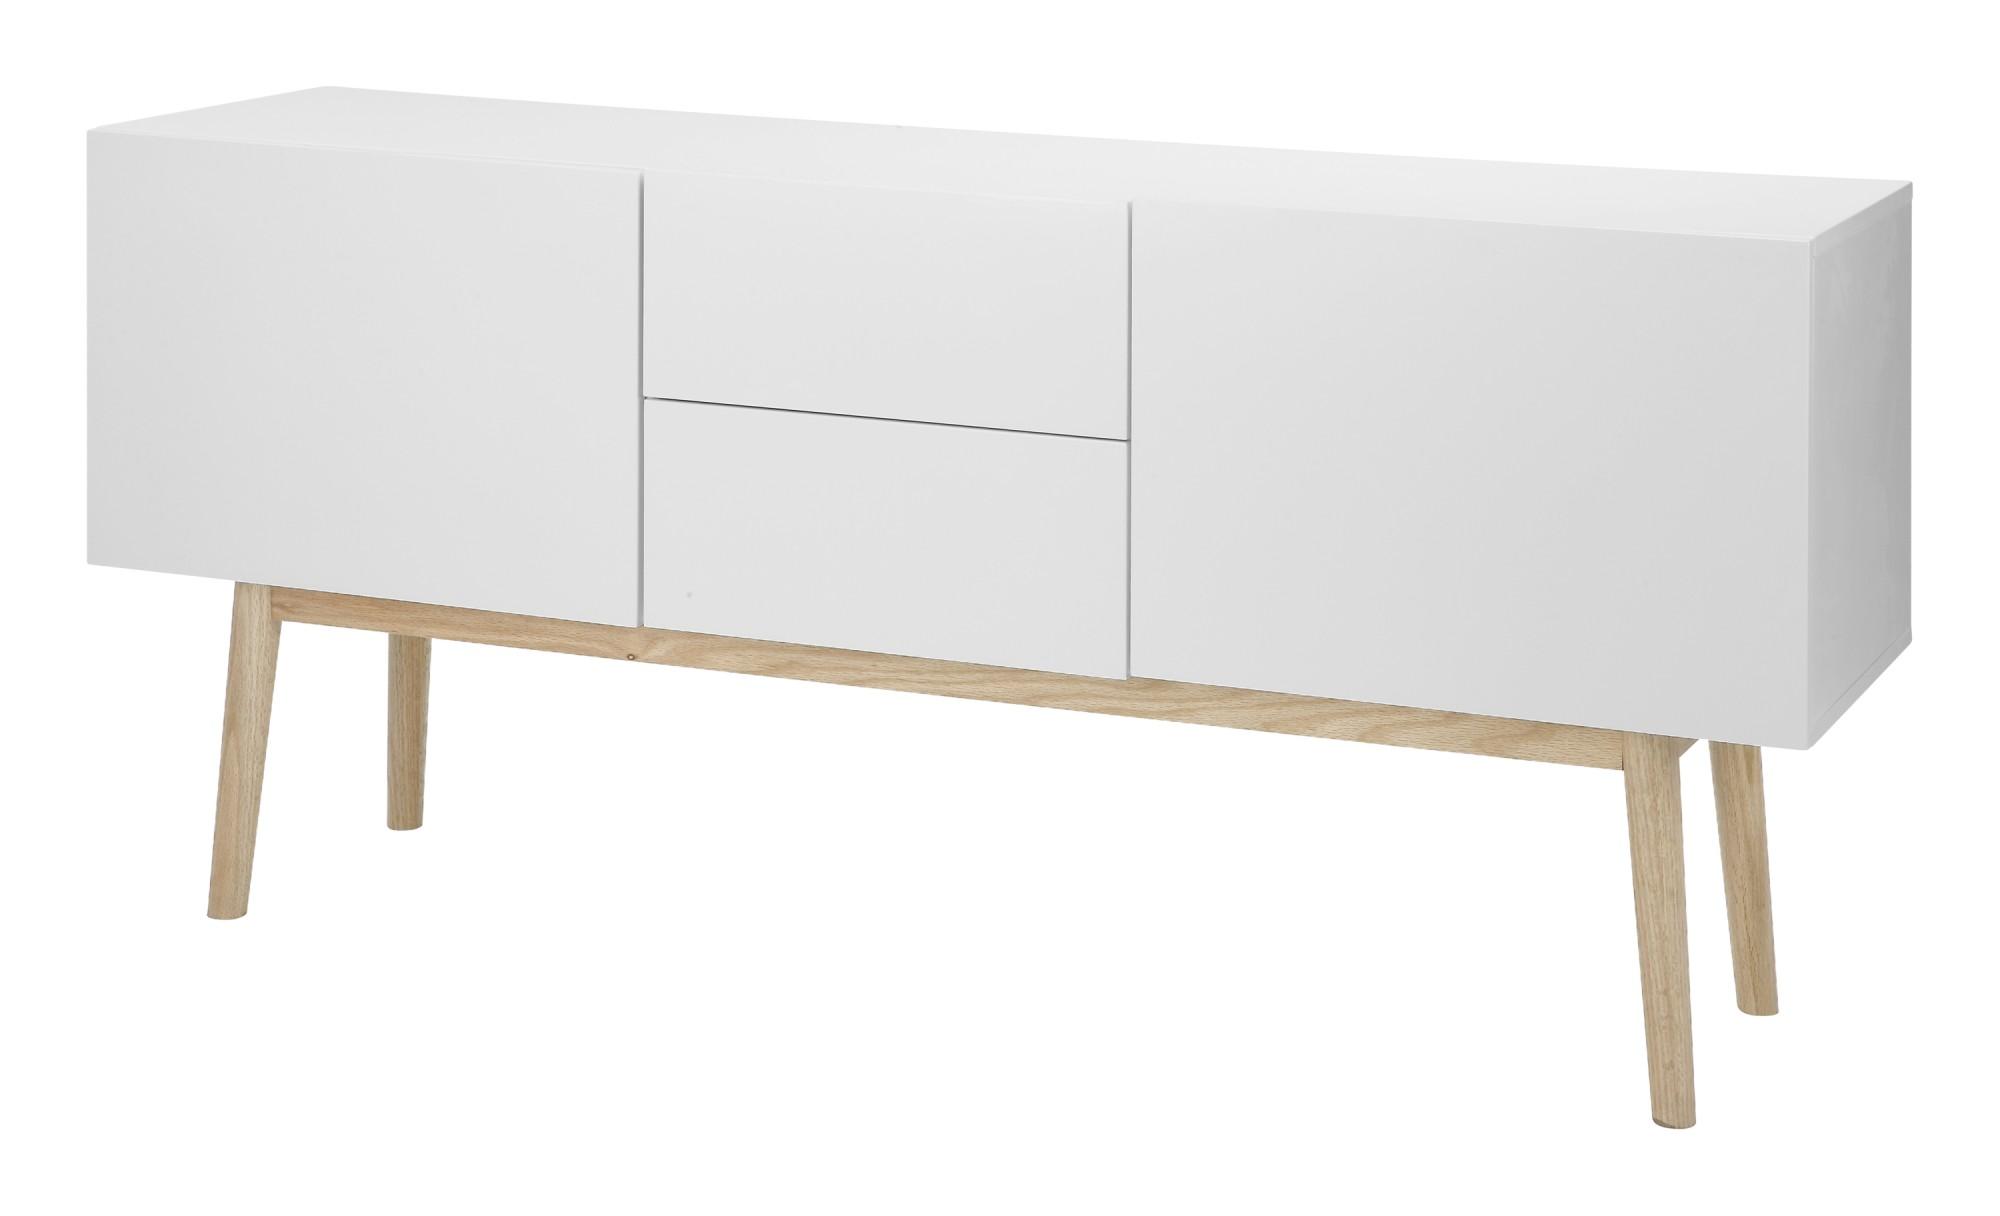 Kommode Bern Sideboard Highboard Anrichte Wohnzimmer Schrank Eiche weiß |  dynamic-24.de